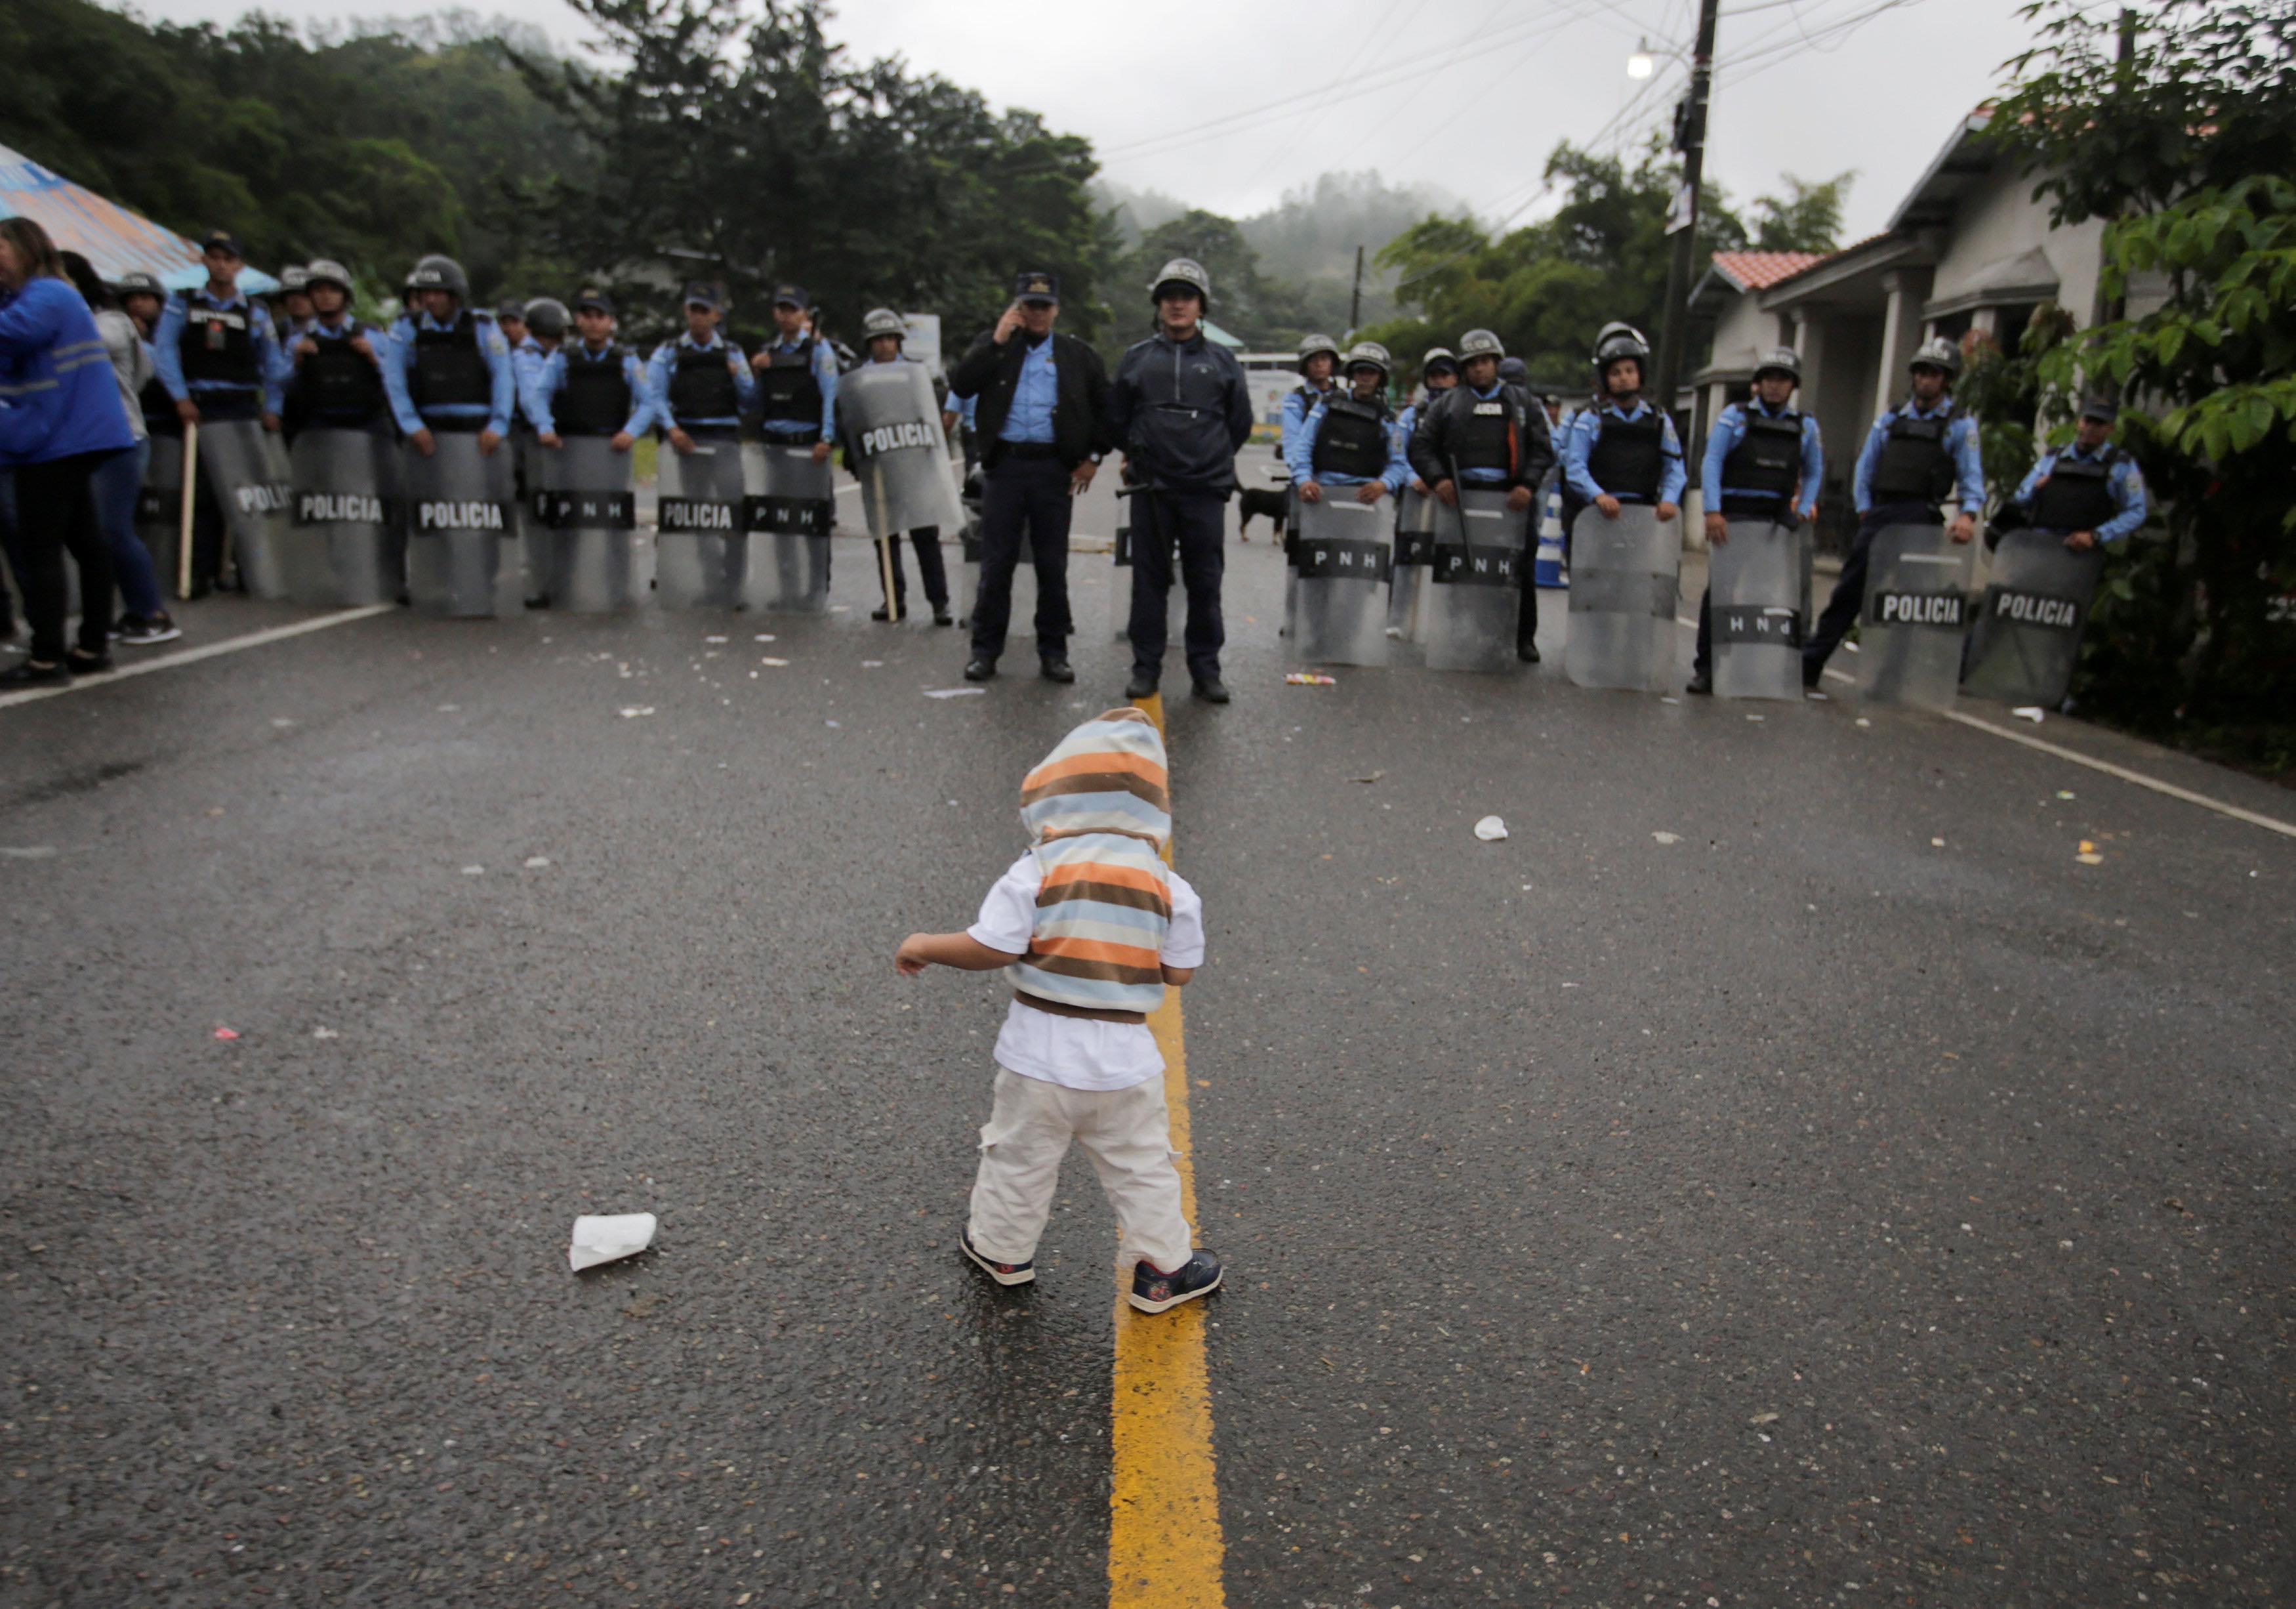 caravana-migrante-guatemala-estados-unidos-honduras-2018